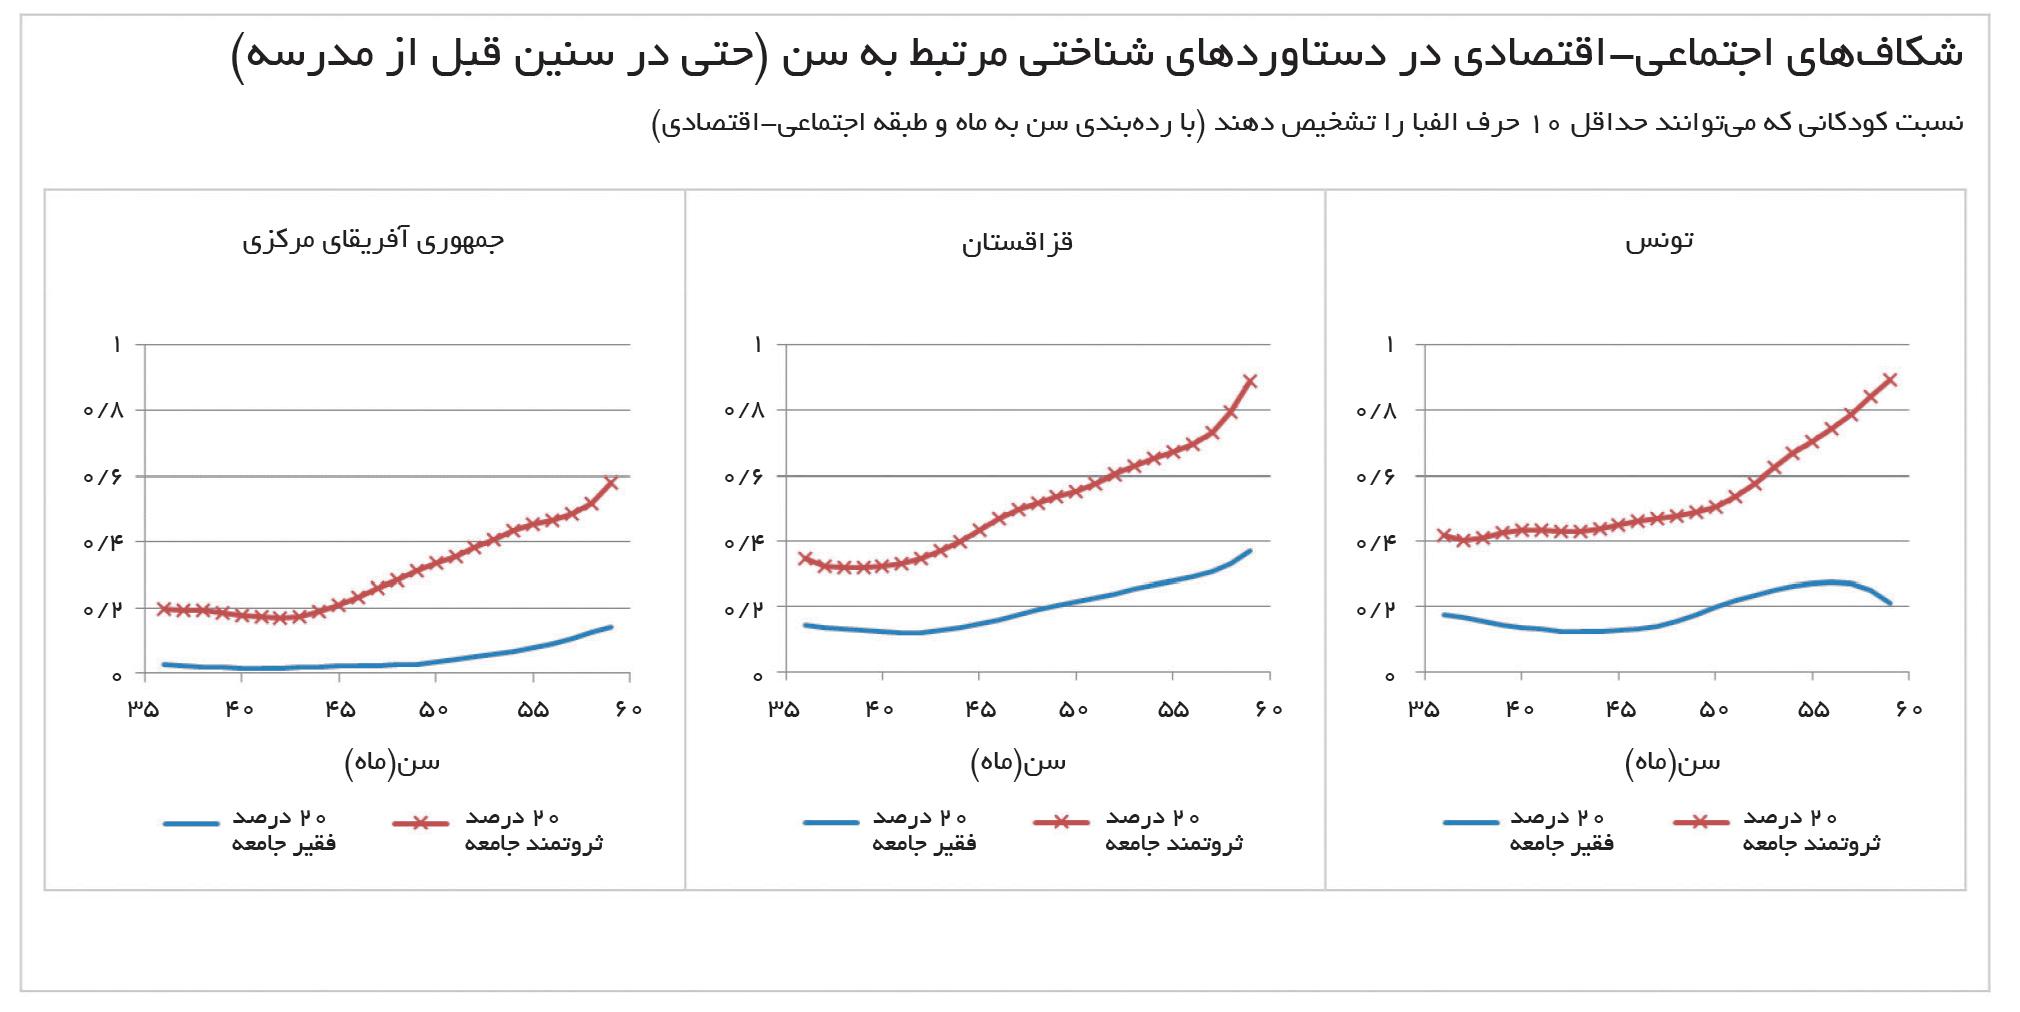 تجارت فردا- شکافهای اجتماعی-اقتصادی در دستاوردهای شناختی مرتبط به سن